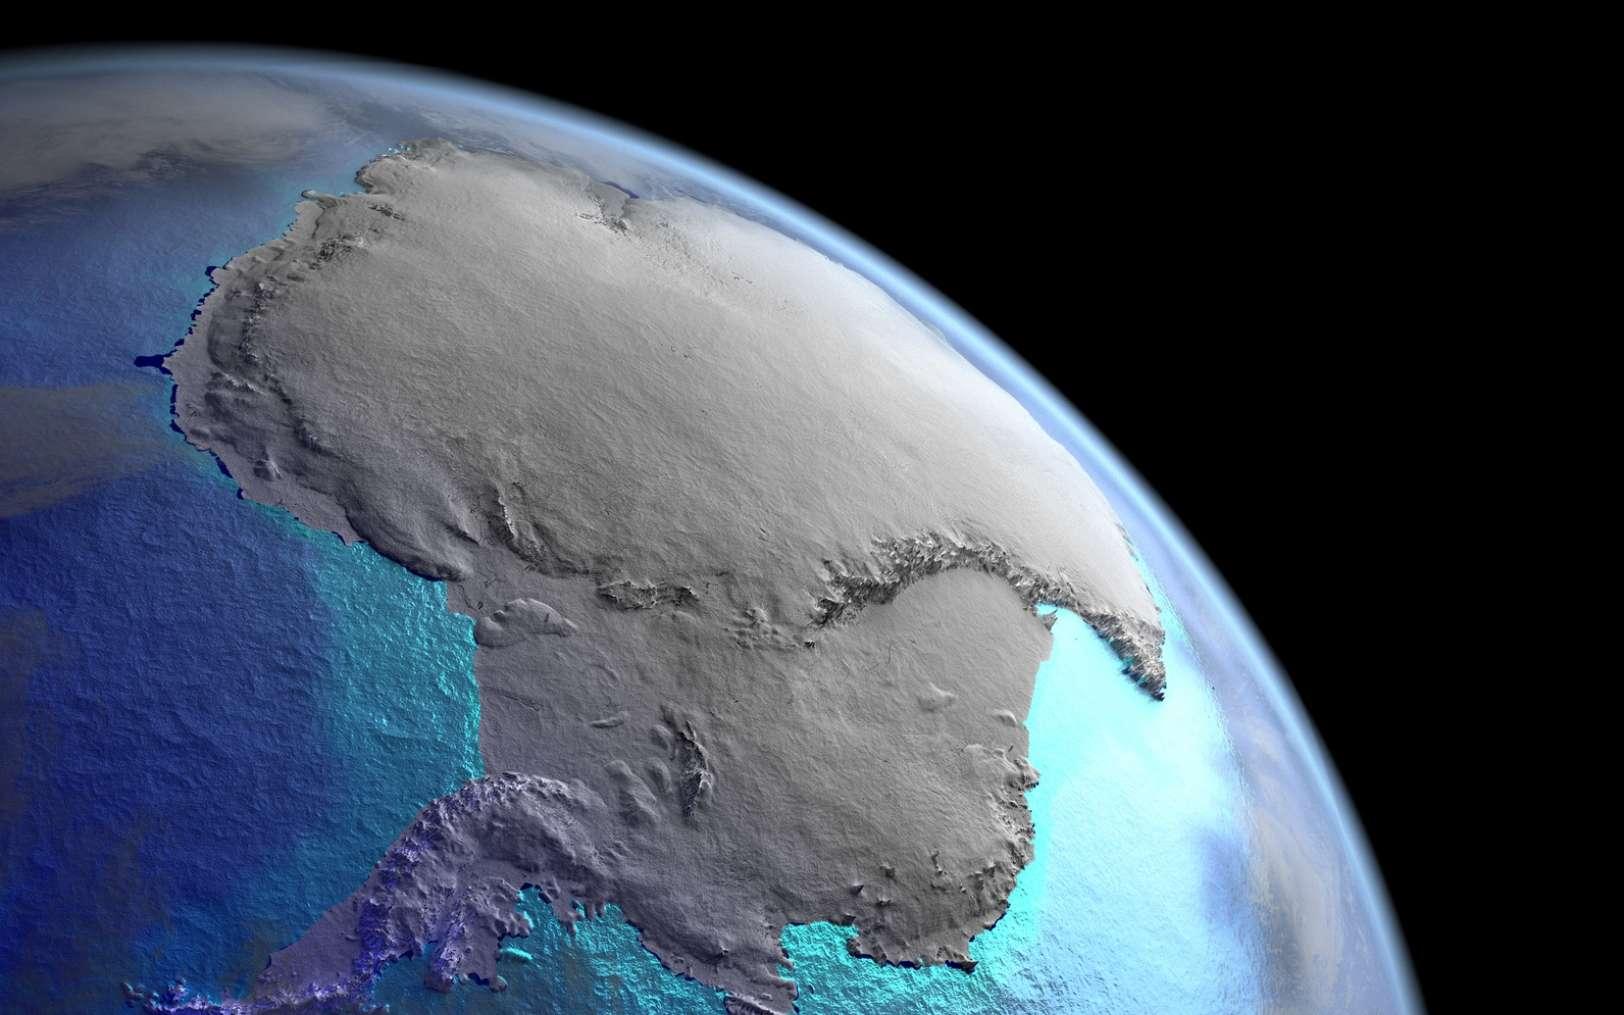 Une vue d'artiste de l'Antarctique depuis l'espace. © Fotolia harvepino